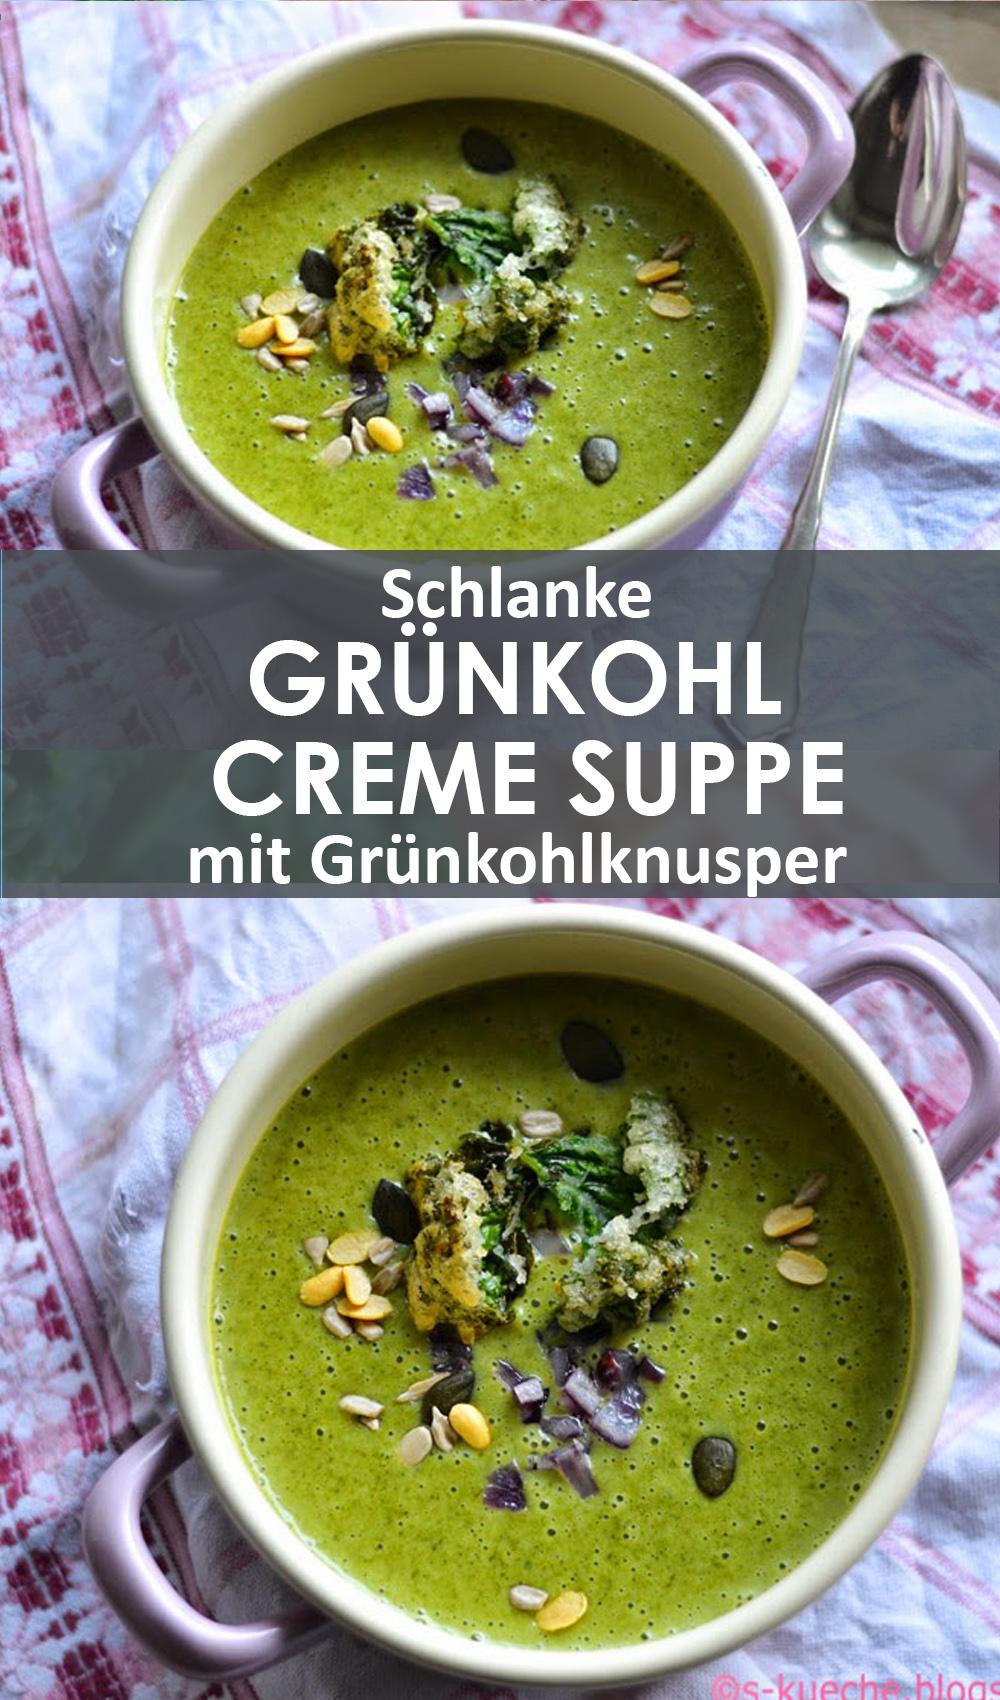 Schlanke Grünkohl Cremesuppe mit Grünkohlknusper